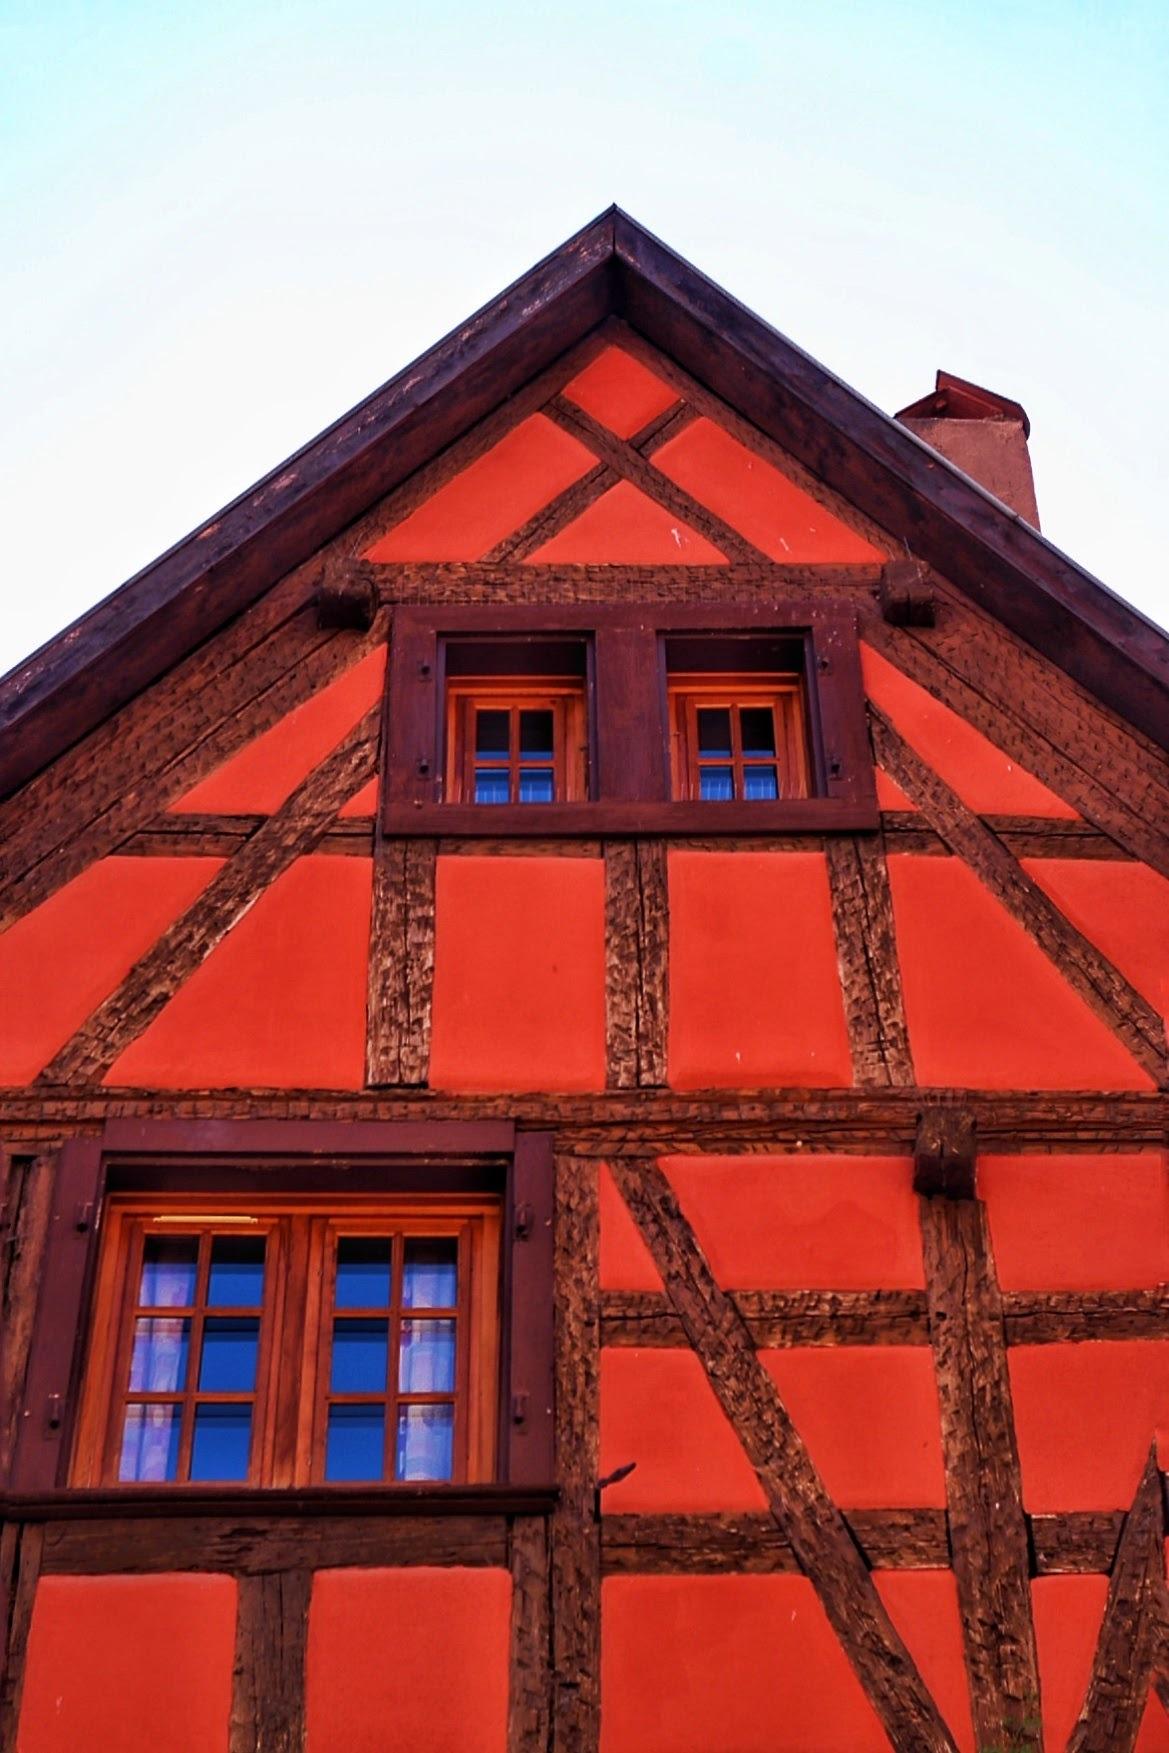 A red house. by markkutoivari